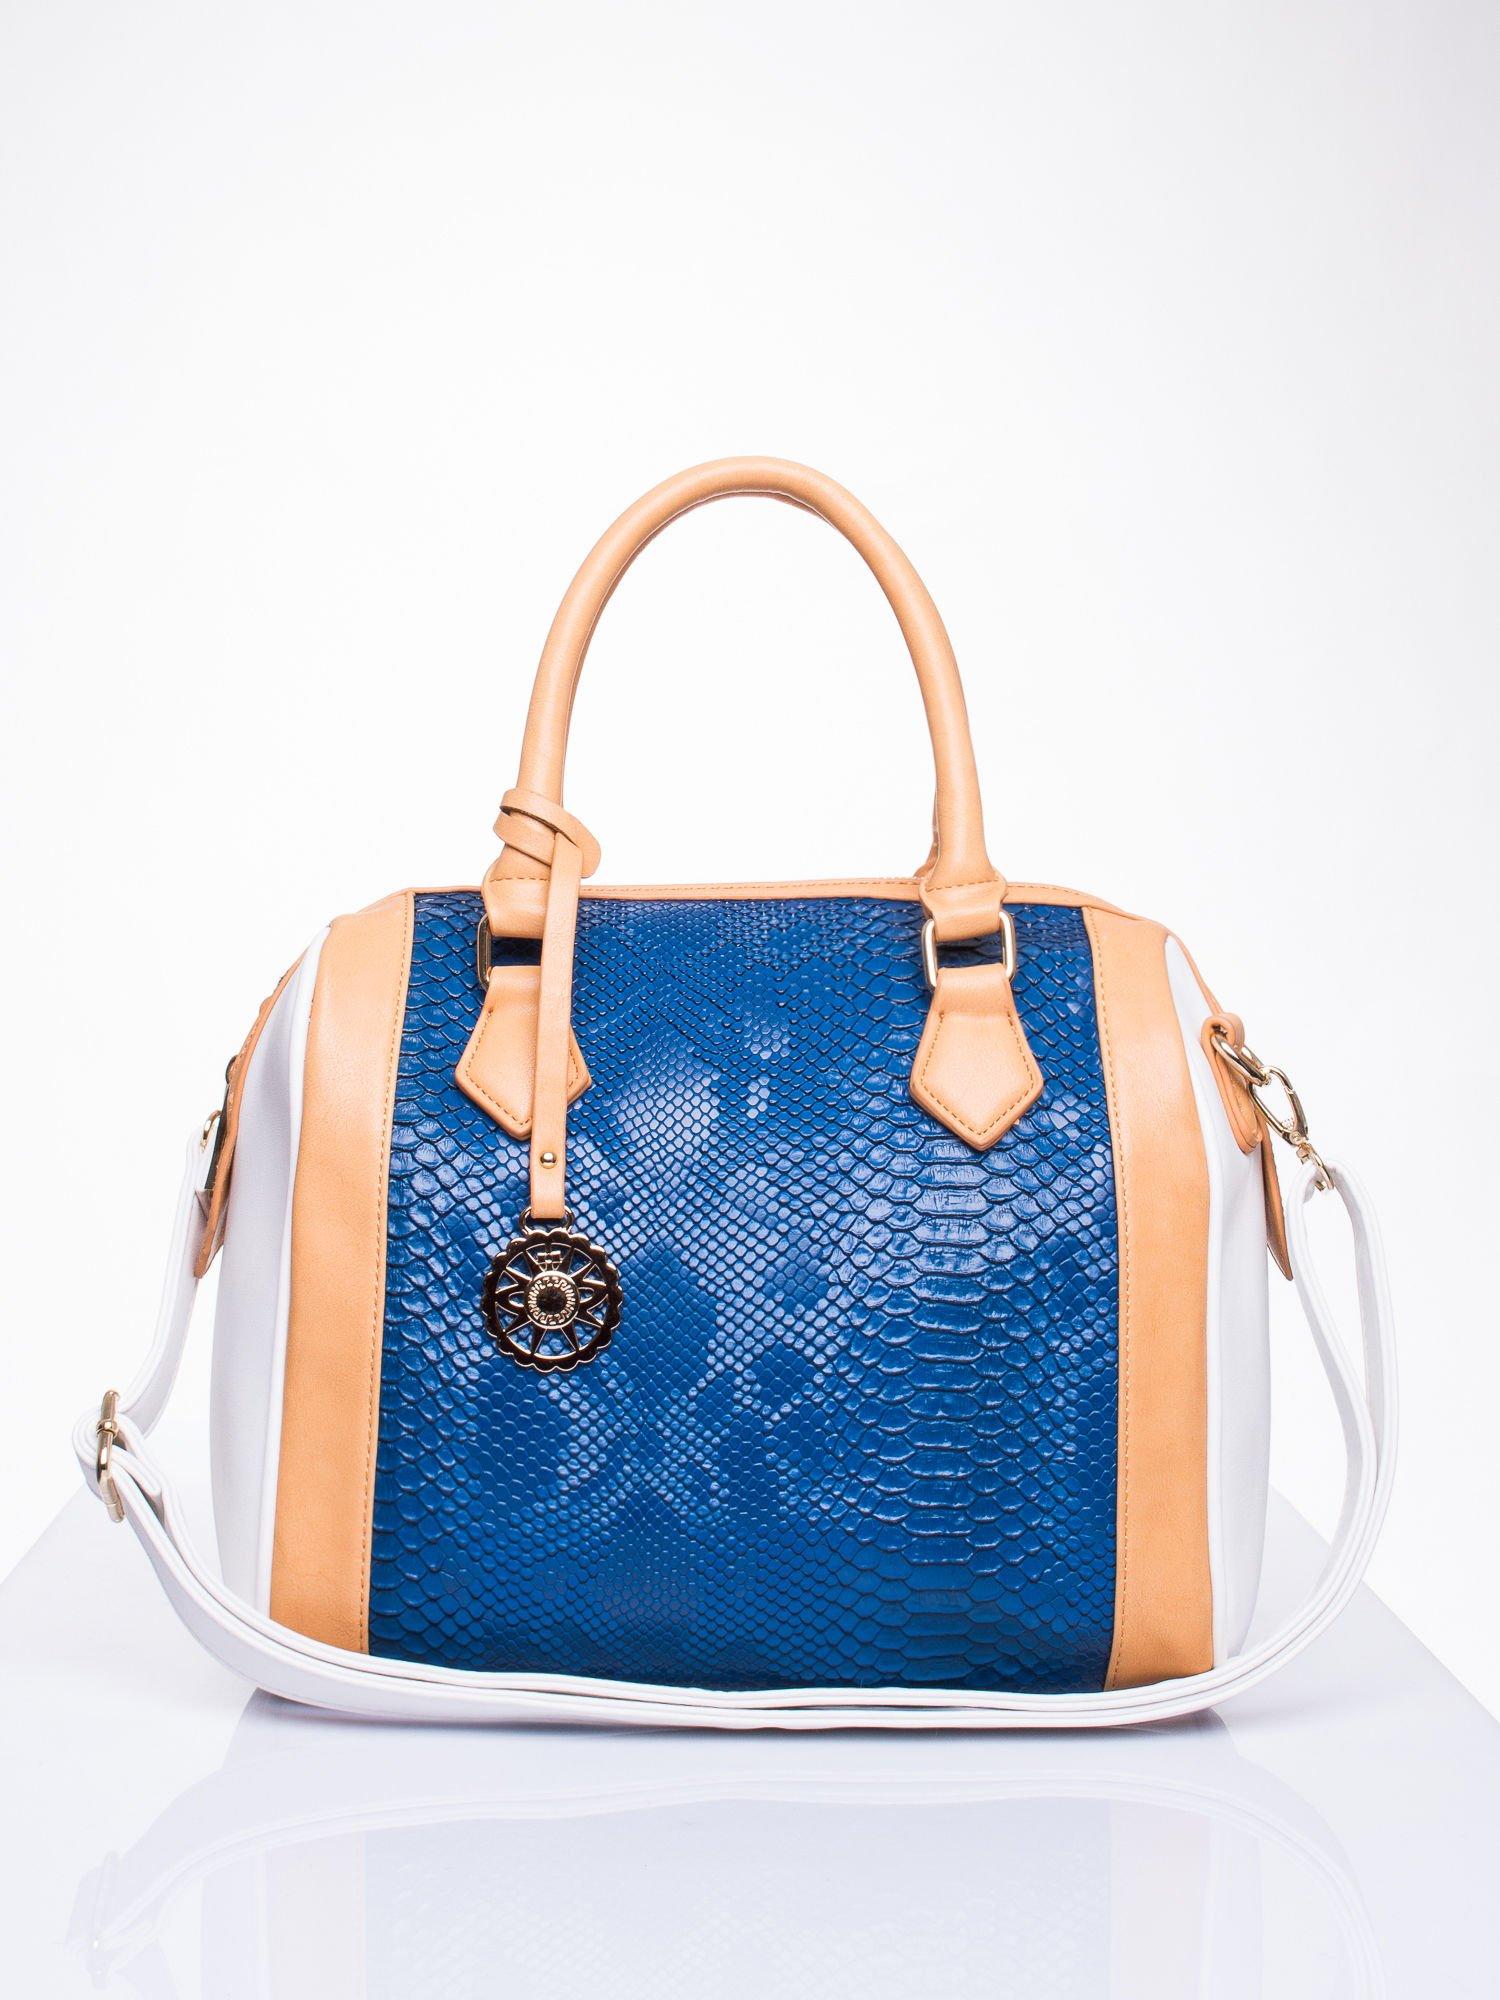 Niebieska torba z motywem skóry węża i ozdobną zawieszką                                  zdj.                                  1